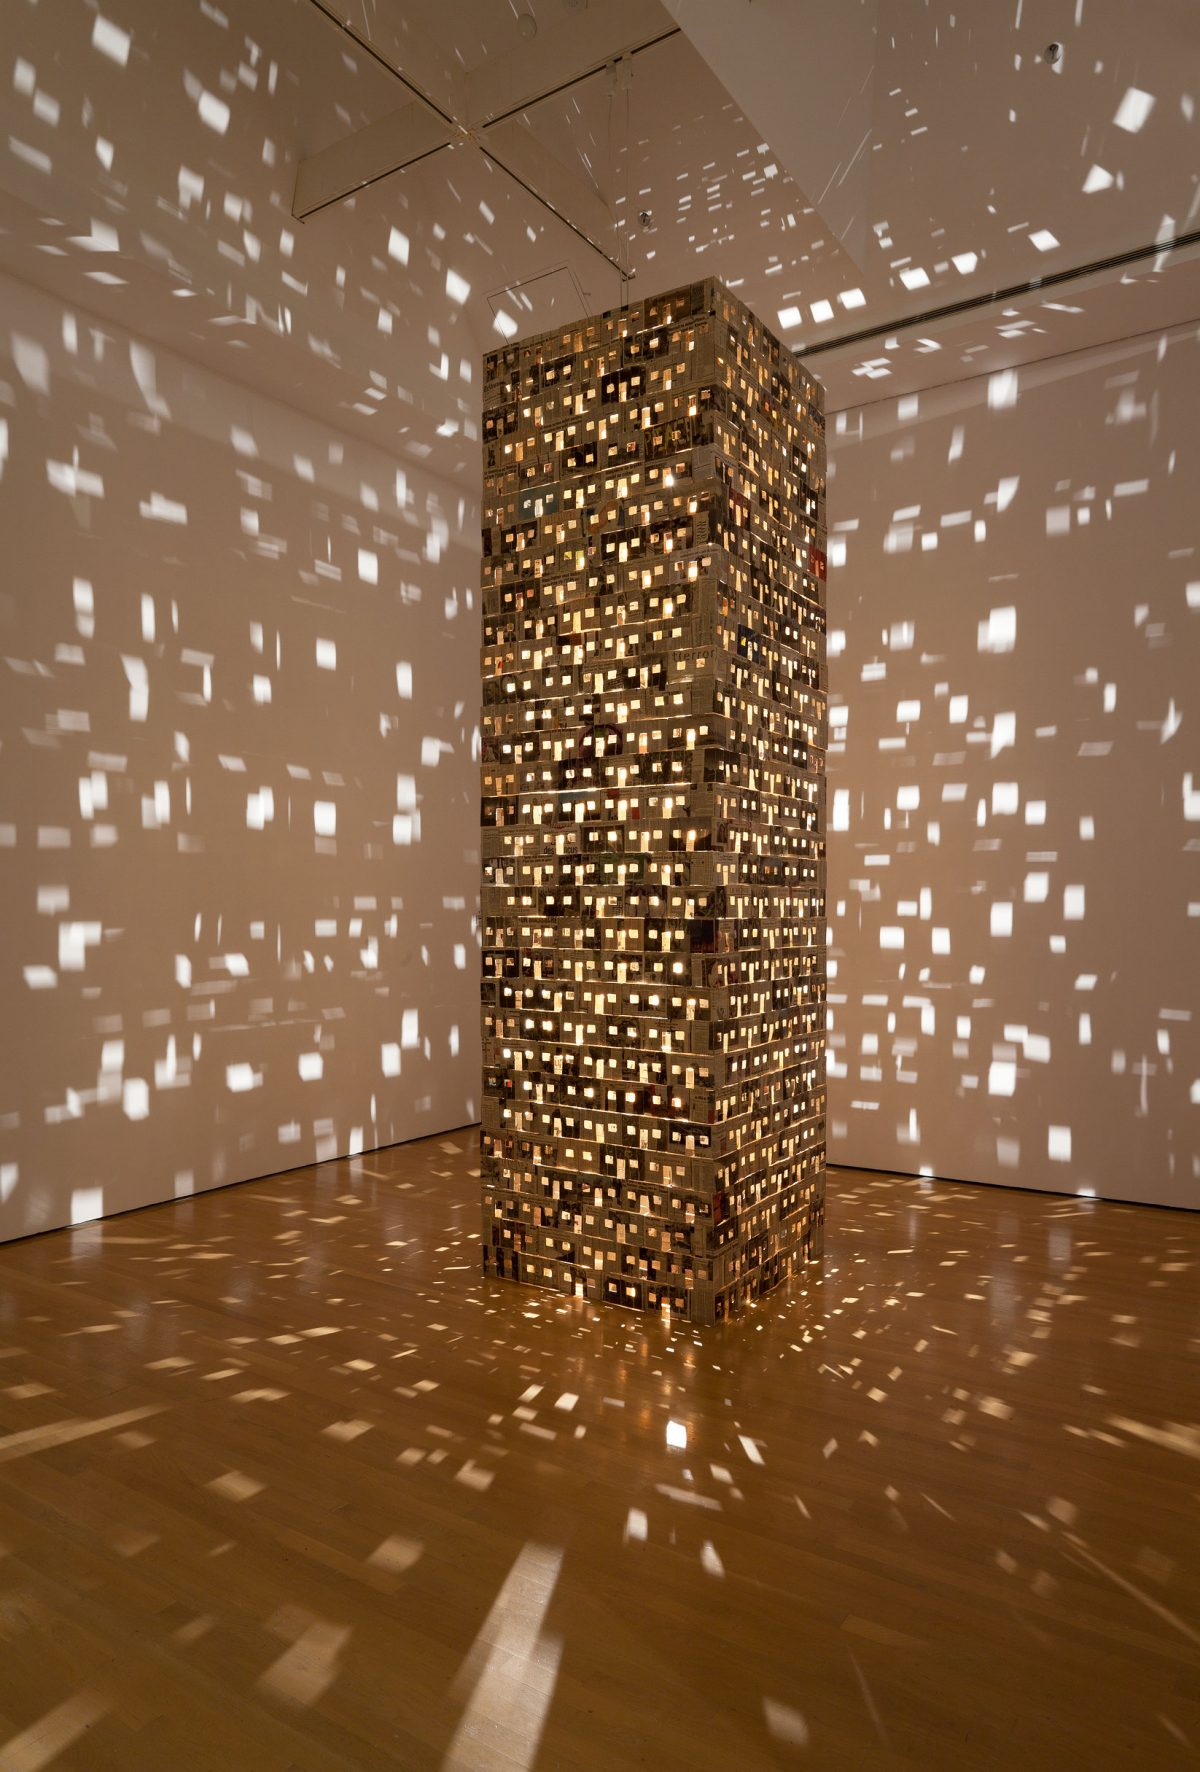 Village, 2003-2004, Dominique Blain, Carton, papier journal, bois et ampoules halogène.